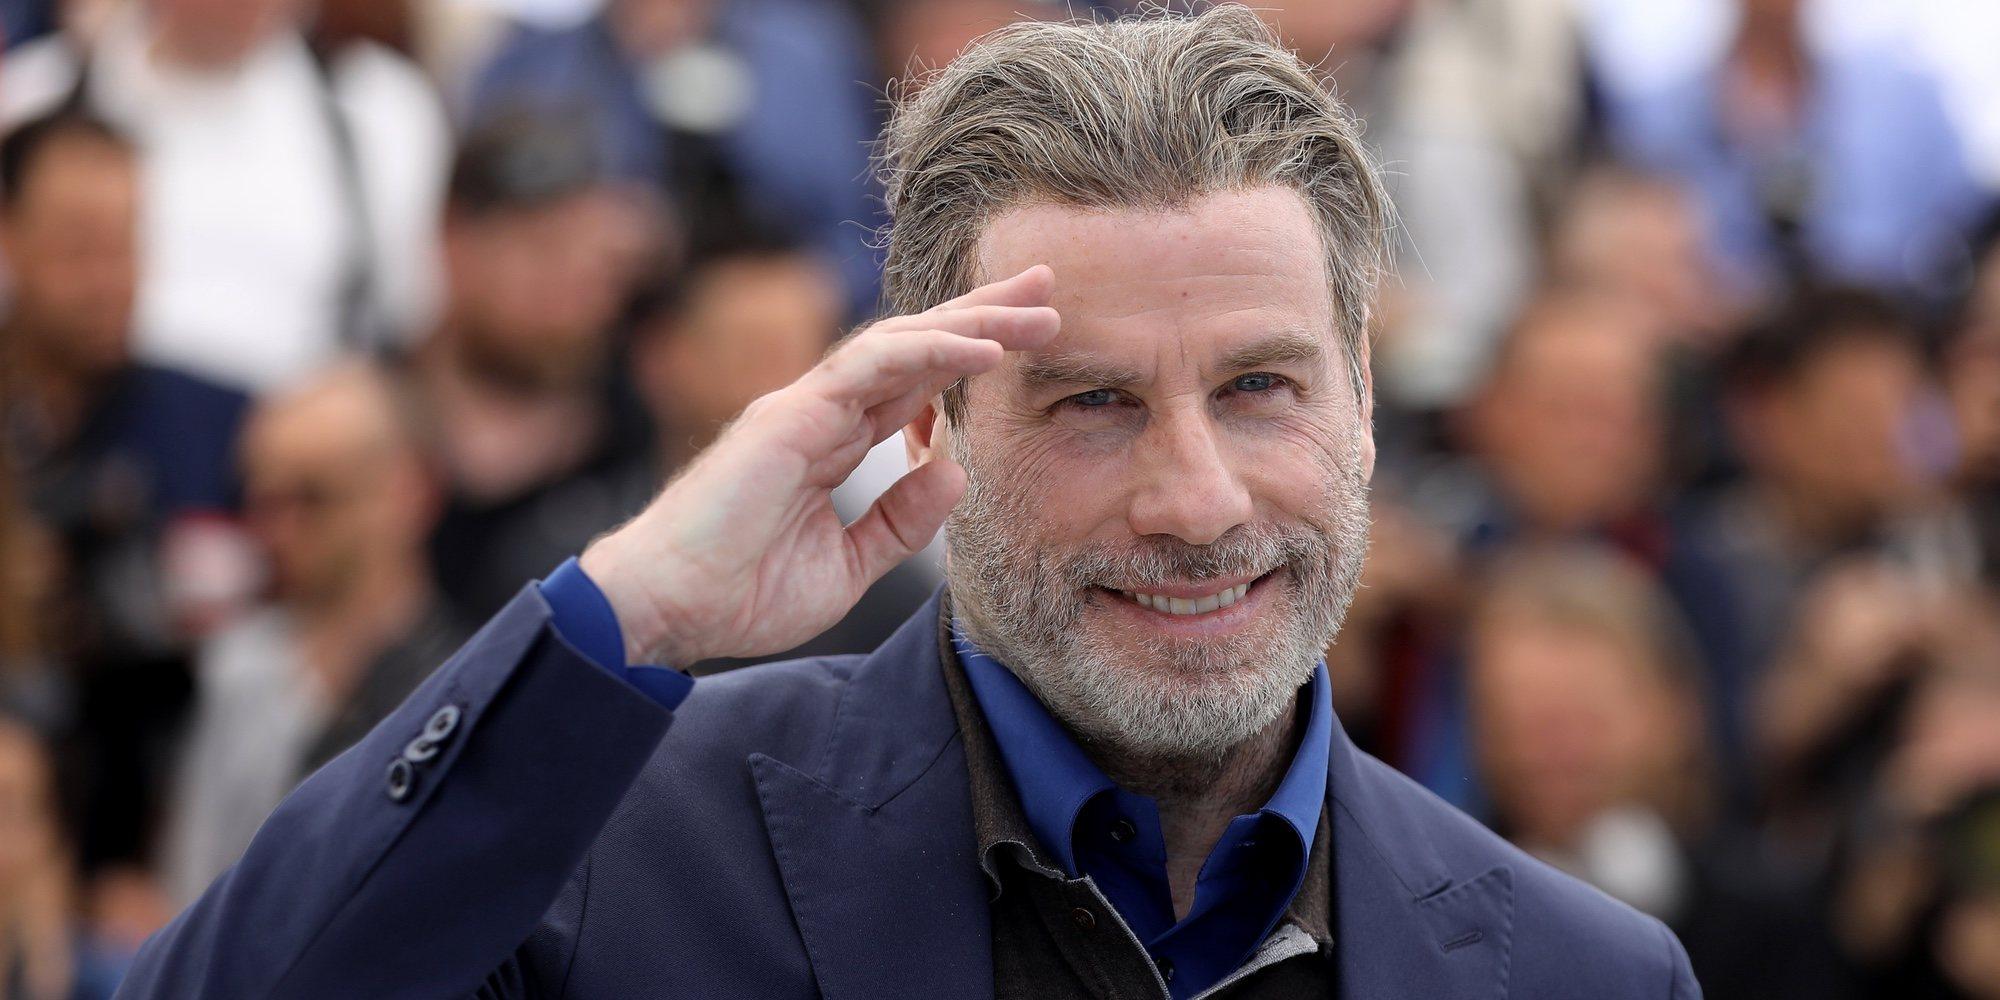 John Travolta demuestra su ritmo bailando en el Festival de Cannes 2018 con el rapero 50 Cent